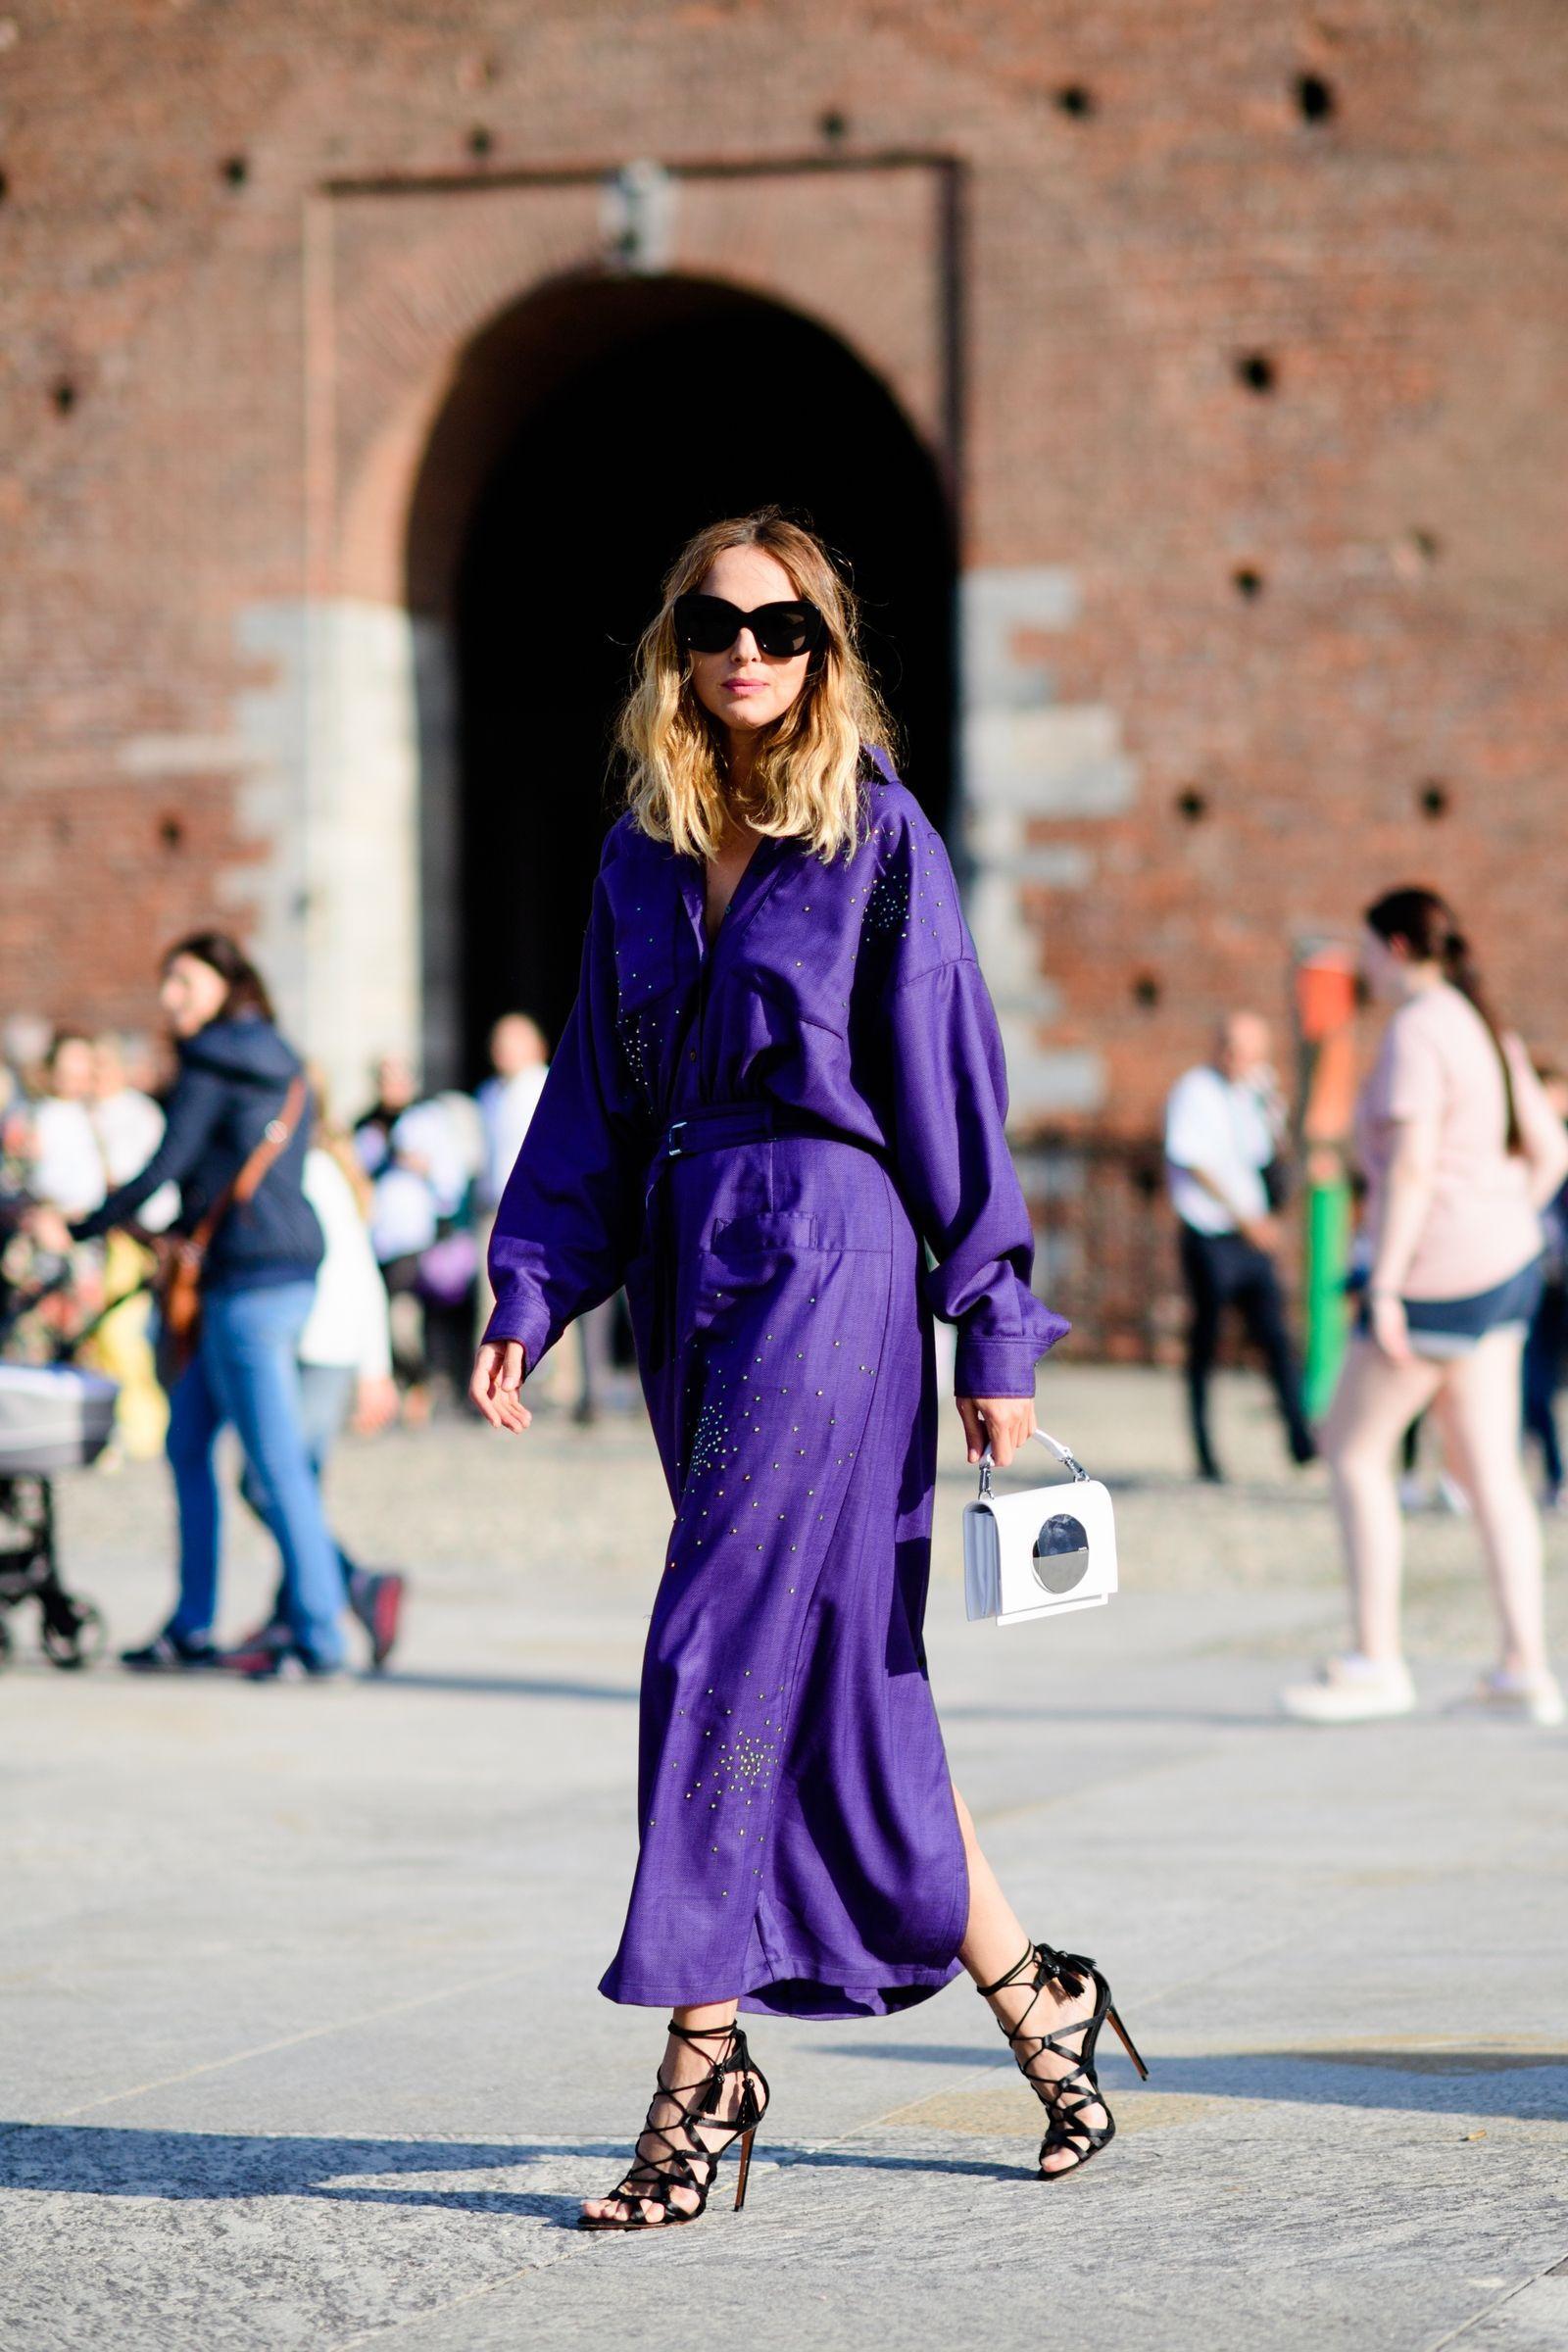 fashionista diện đầm tím và giày cao gót đen cùng kính mát